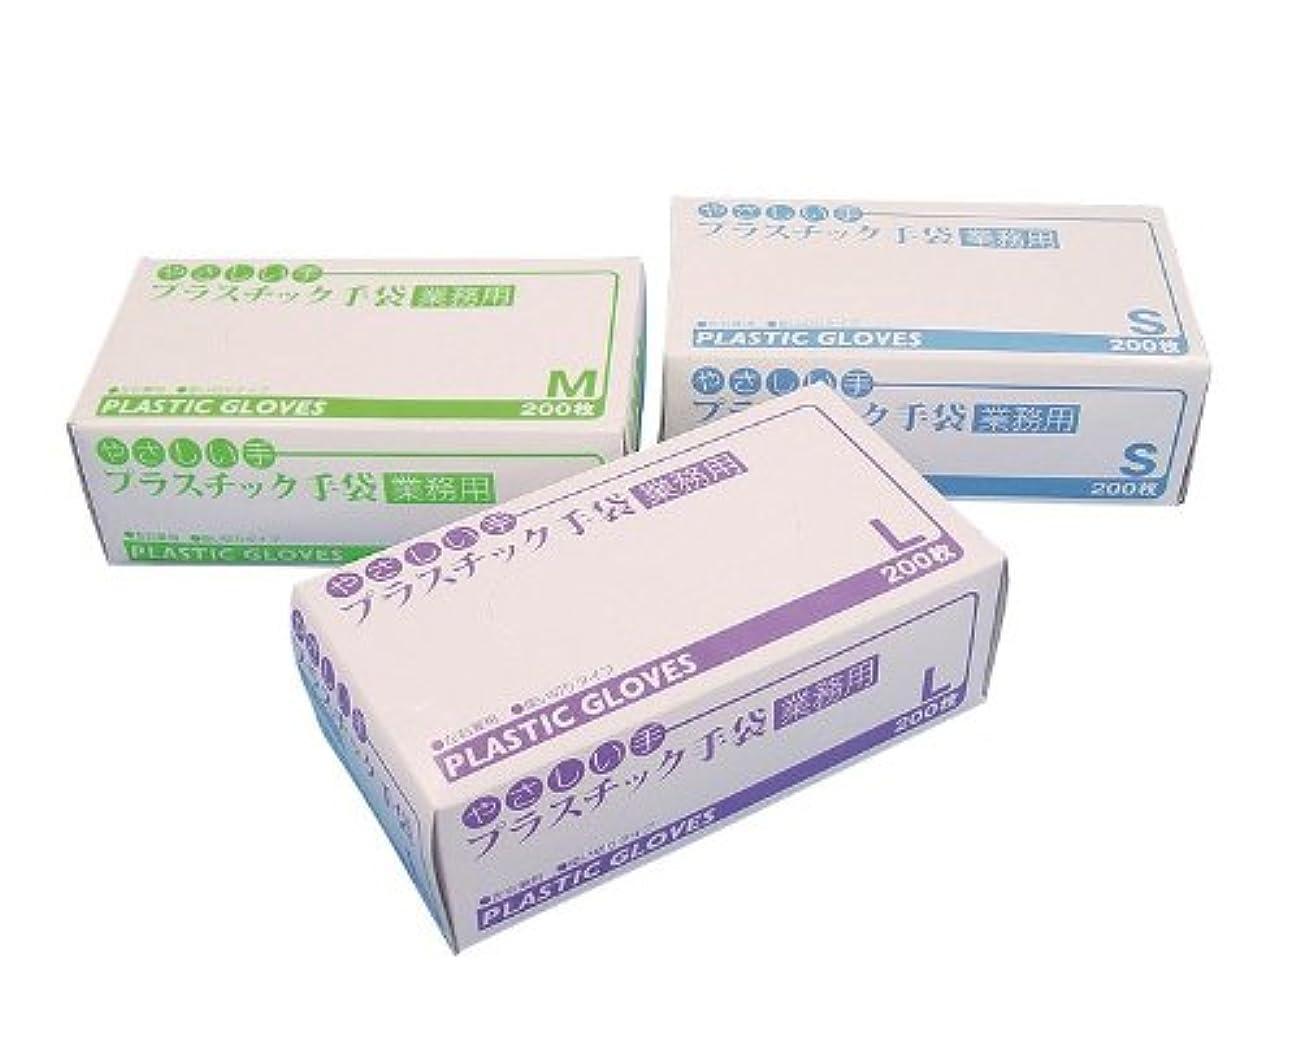 習熟度性格ネックレットやさしい手 プラスチック手袋 業務用 OM-460 200枚入/Mサイズ